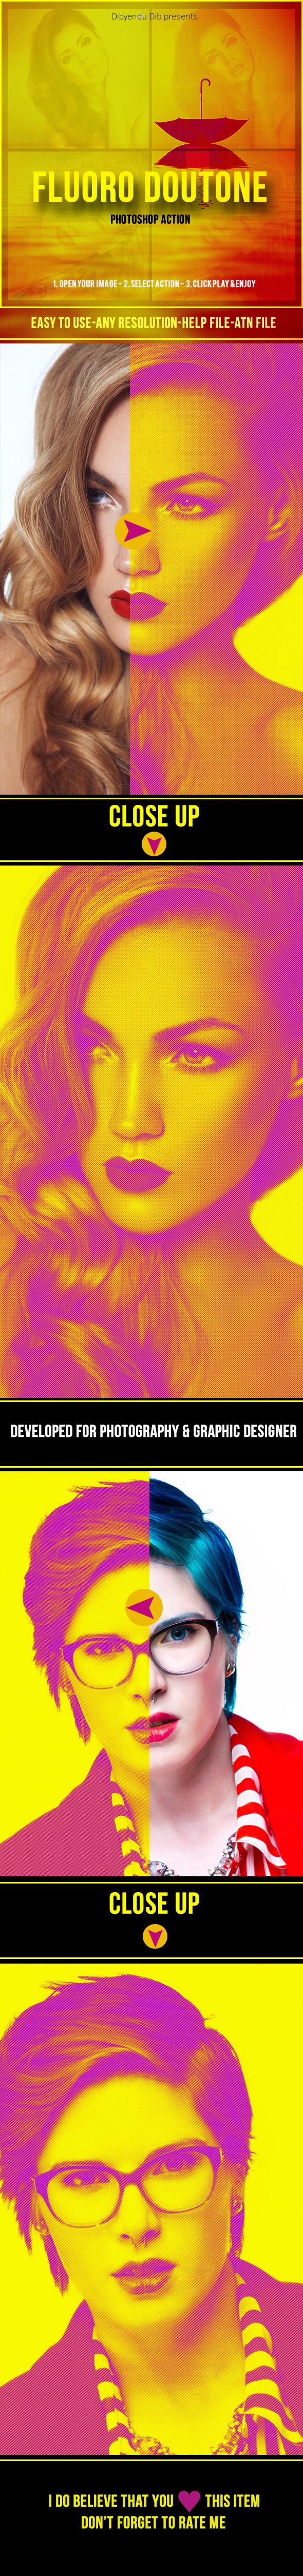 GraphicRiver Fluoro Duotone 10363483